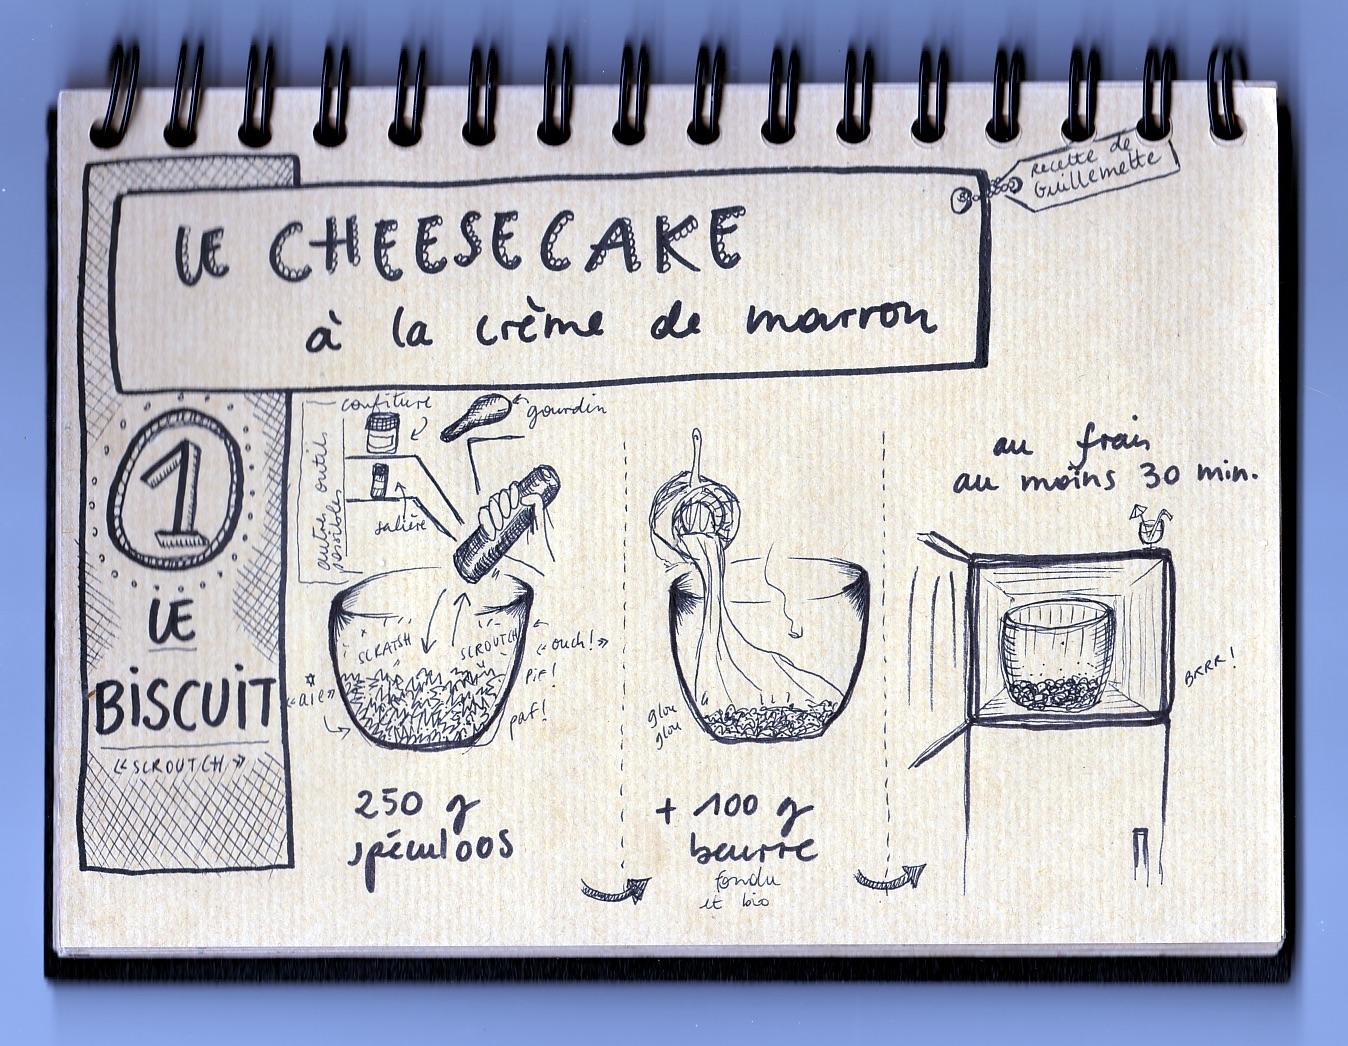 La recette du Cheesecake à la crème demarron